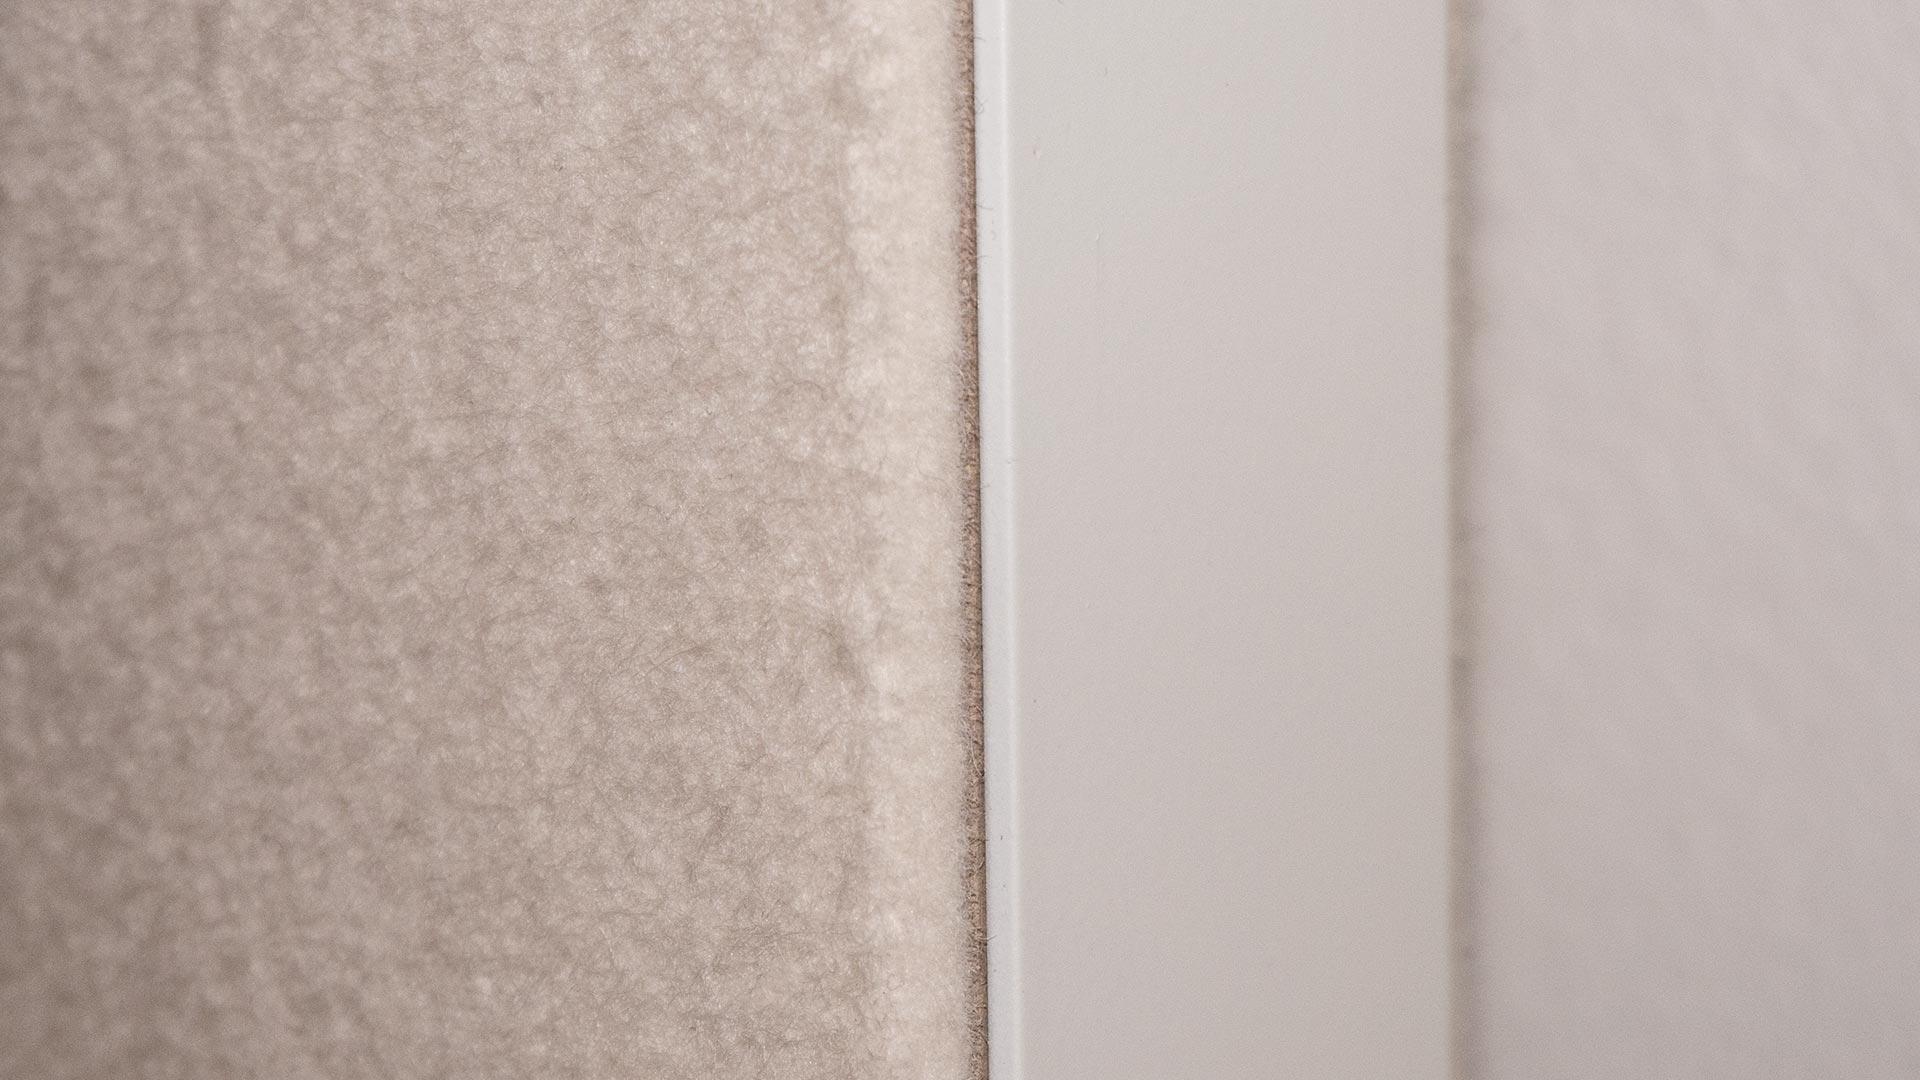 Akustikfilz als Oberfläche auf einer Pivot-Tür